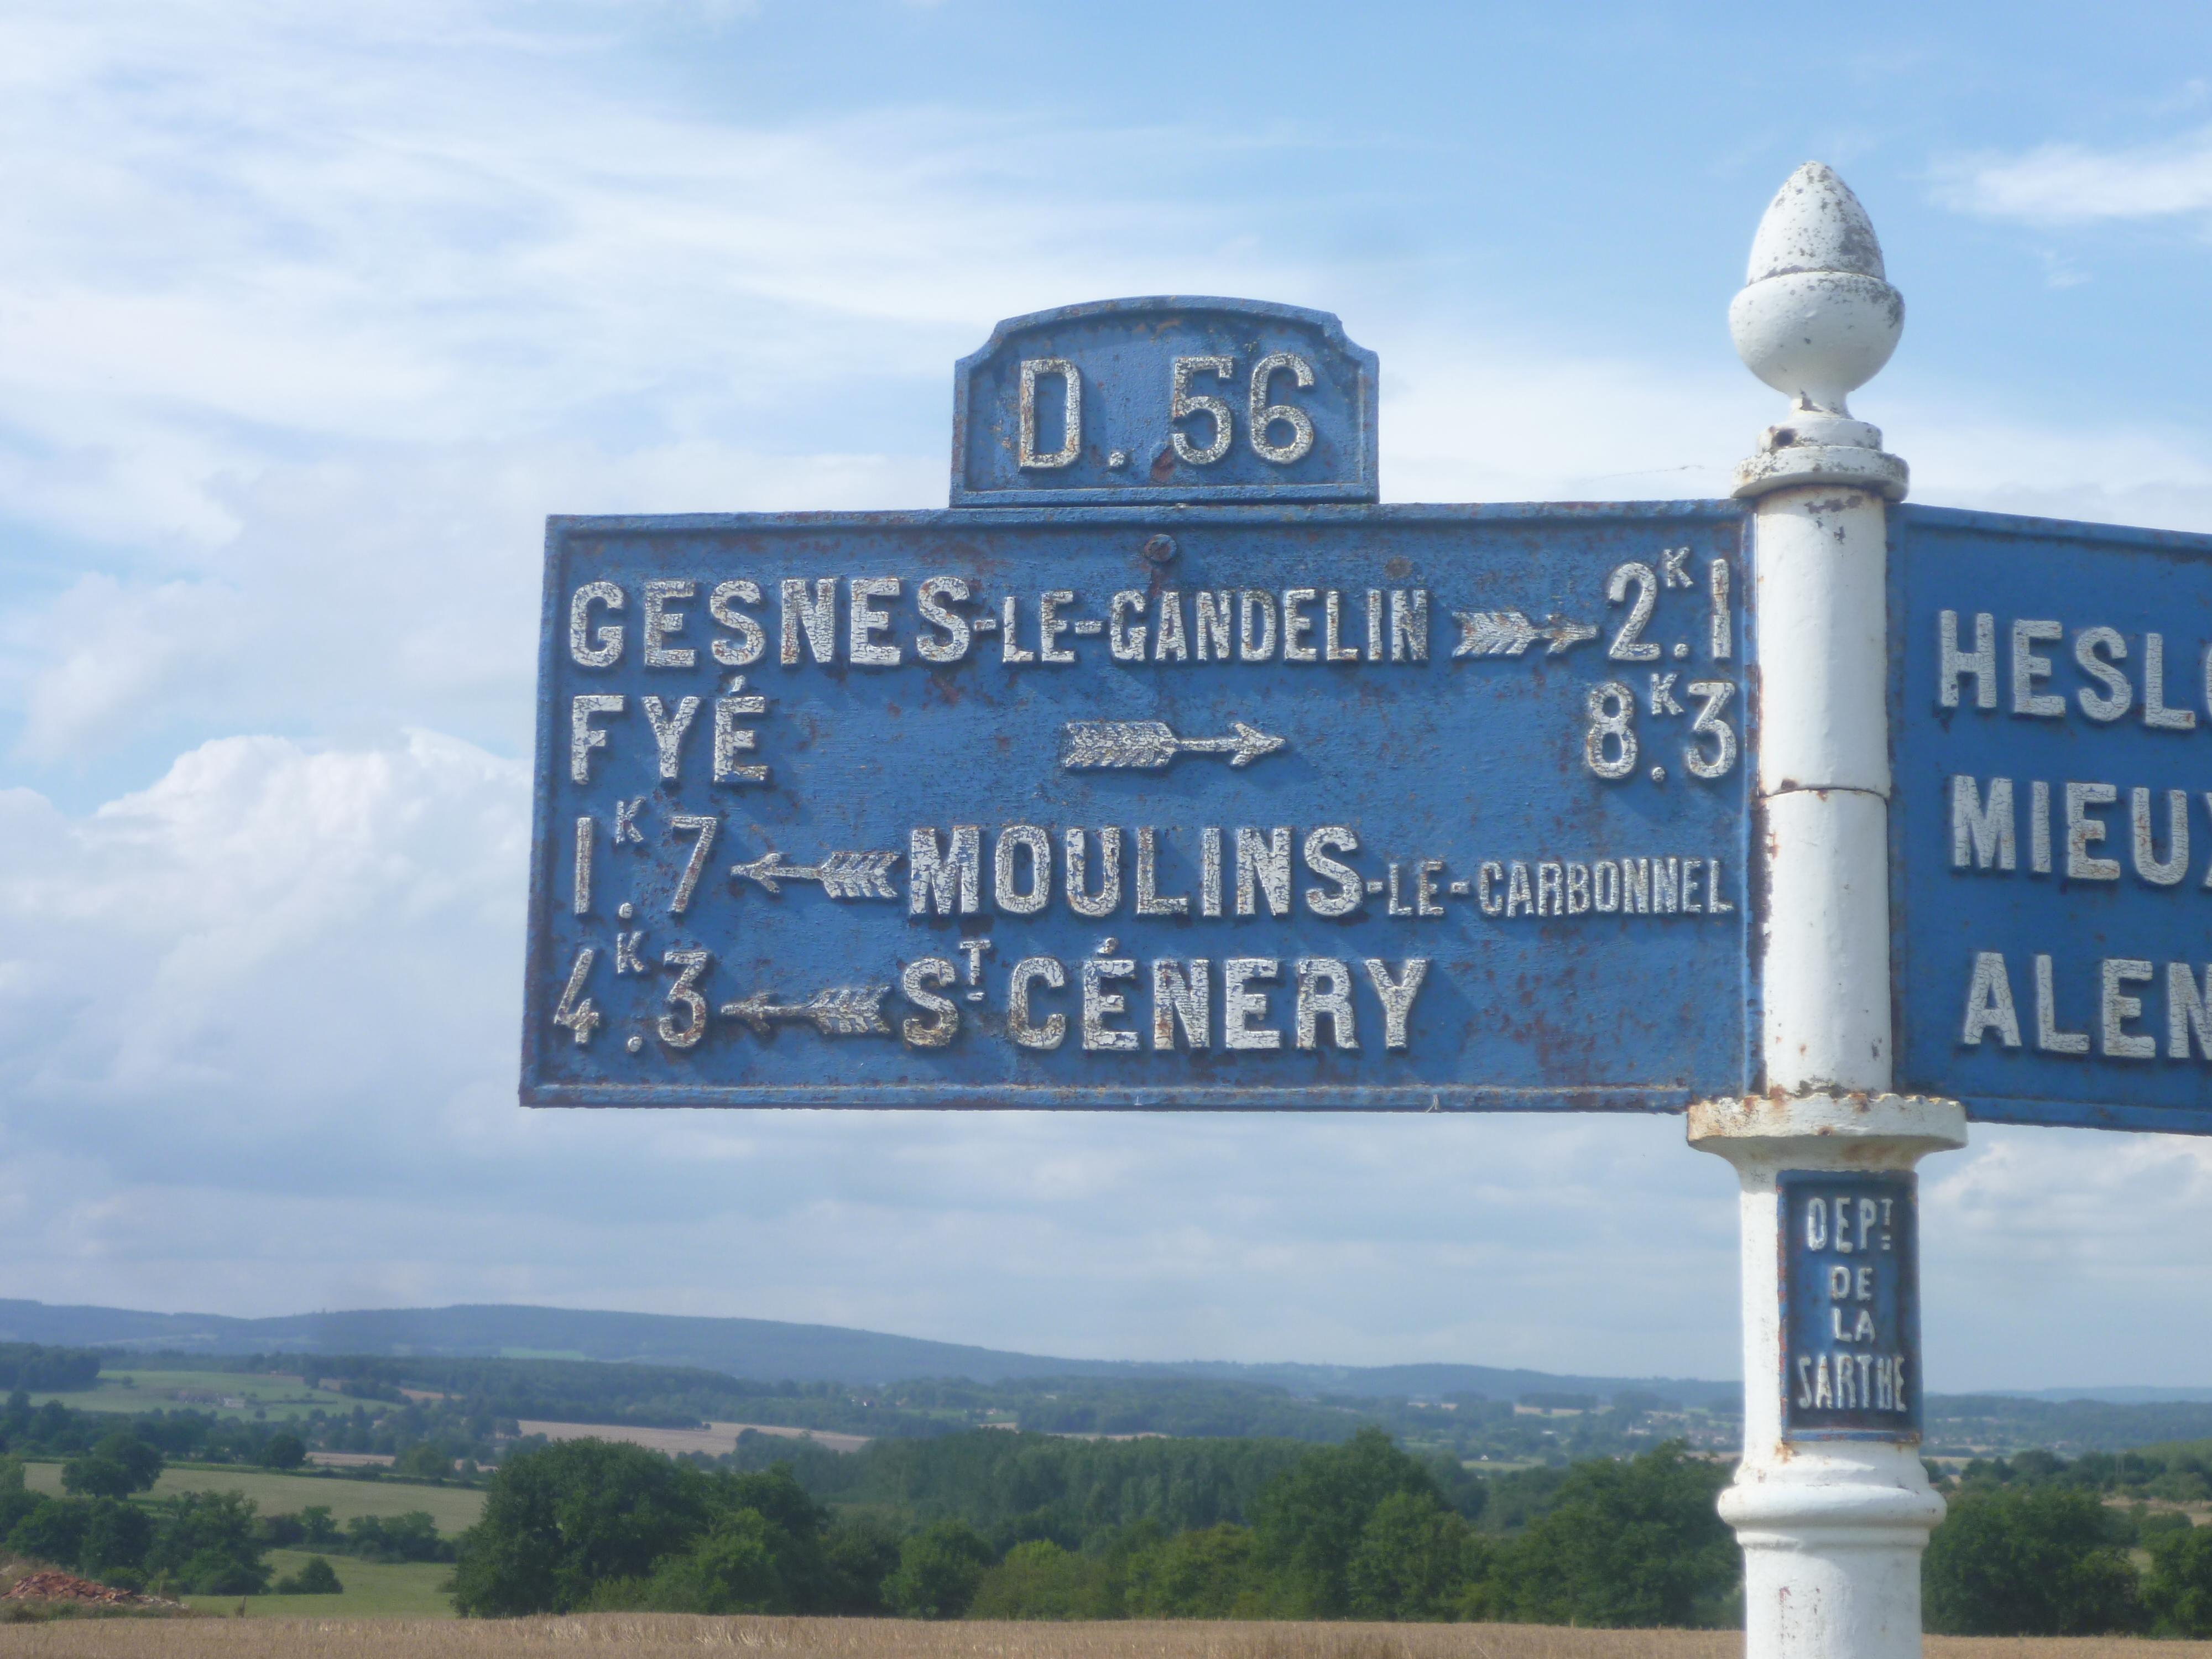 Moulins le Carbonnel, au croisement entre La Tonnelière et La Bigre - Plaque de cocher - Gesnes le Gandelin - Fyé - Moulins le Carbonnet - Saint Cénery (Gwéna Tireau)